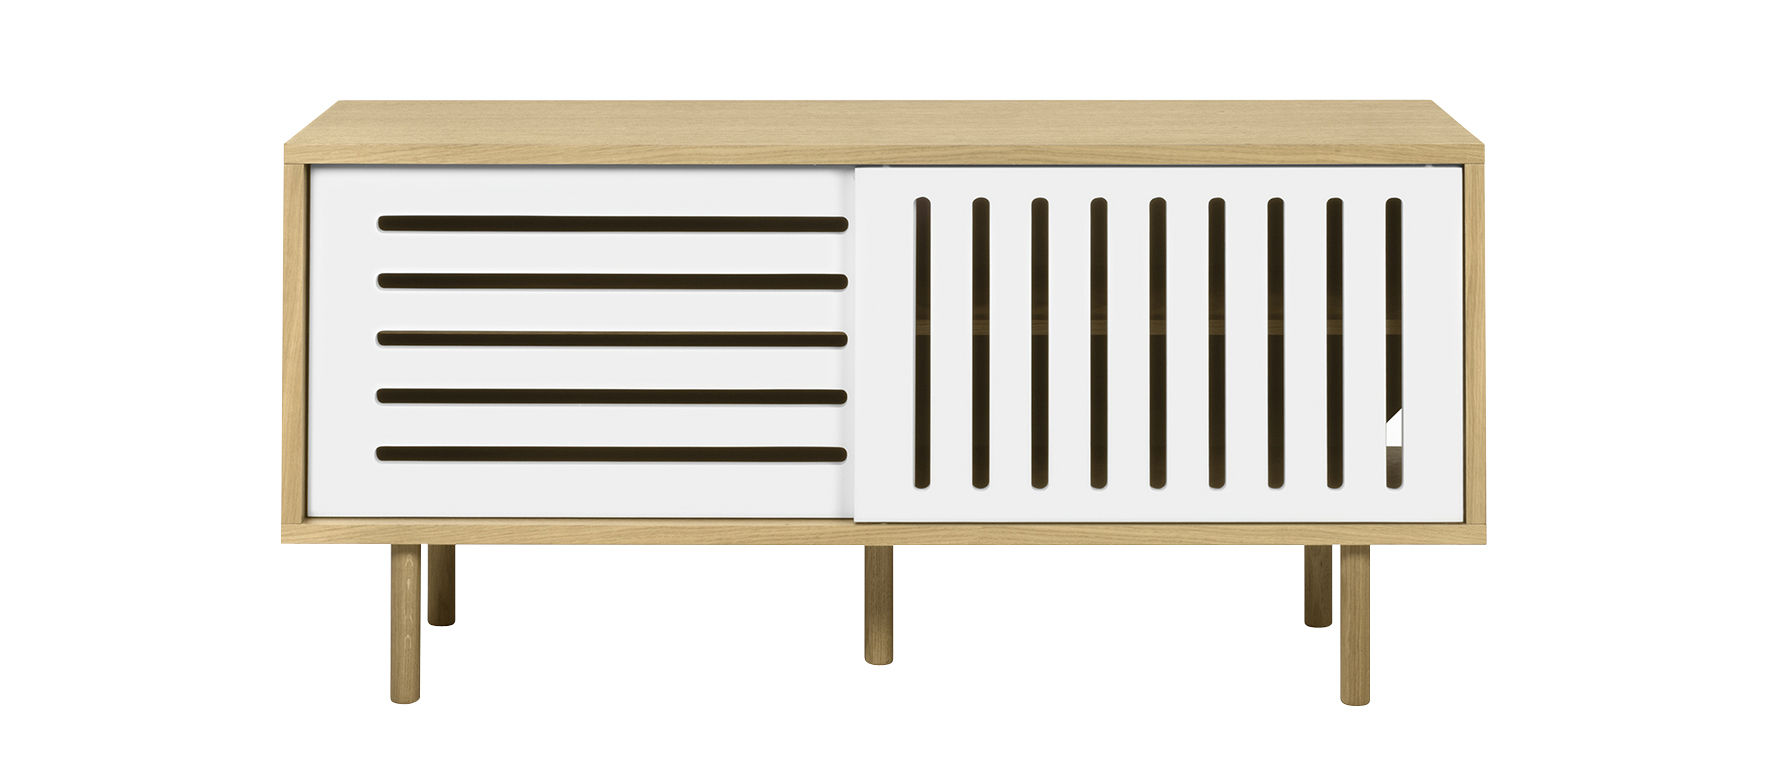 Mobilier - Commodes, buffets & armoires - Buffet Amsterdam Stripes / Meuble TV - L 135 cm - POP UP HOME - Chêne / Portes blanches - Contreplaqué chêne, MDF peint, Panneaux de particules